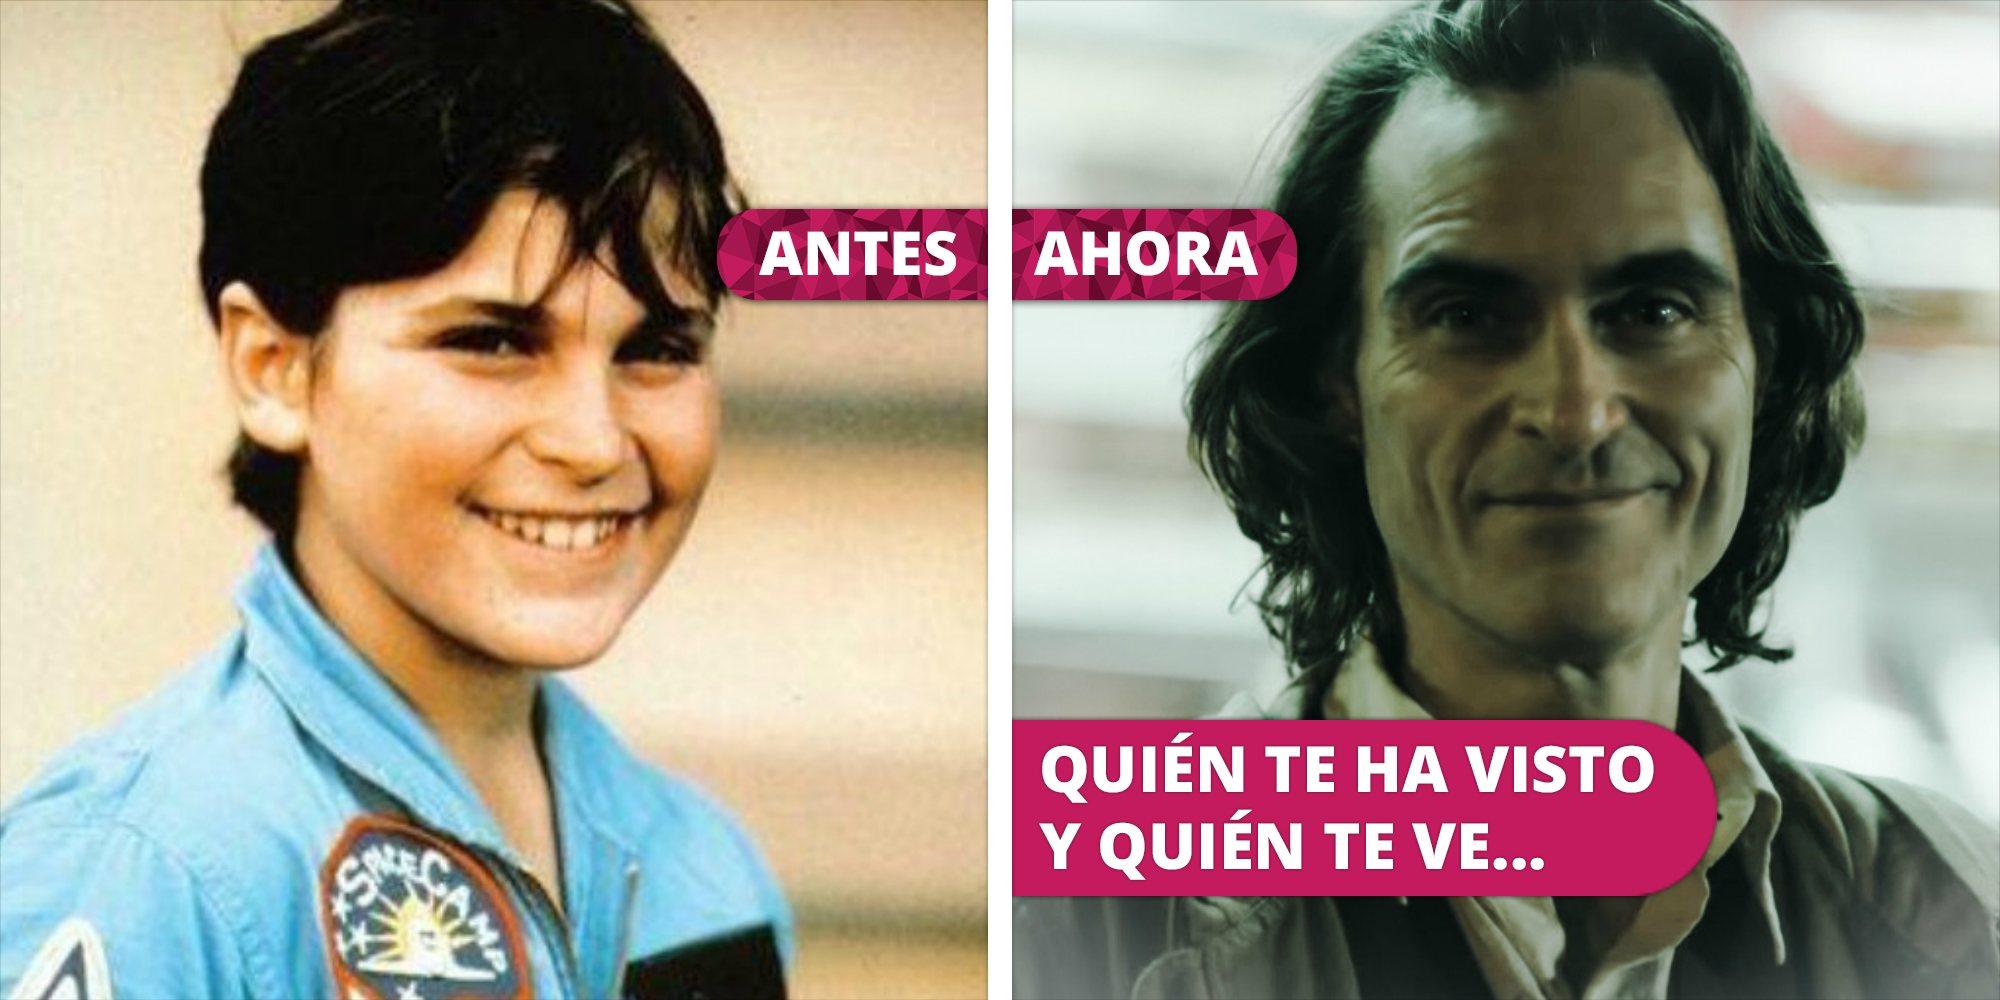 Así ha cambiado Joaquin Phoenix: De sus inicios televisivos a su aclamada interpretación en 'Joker'